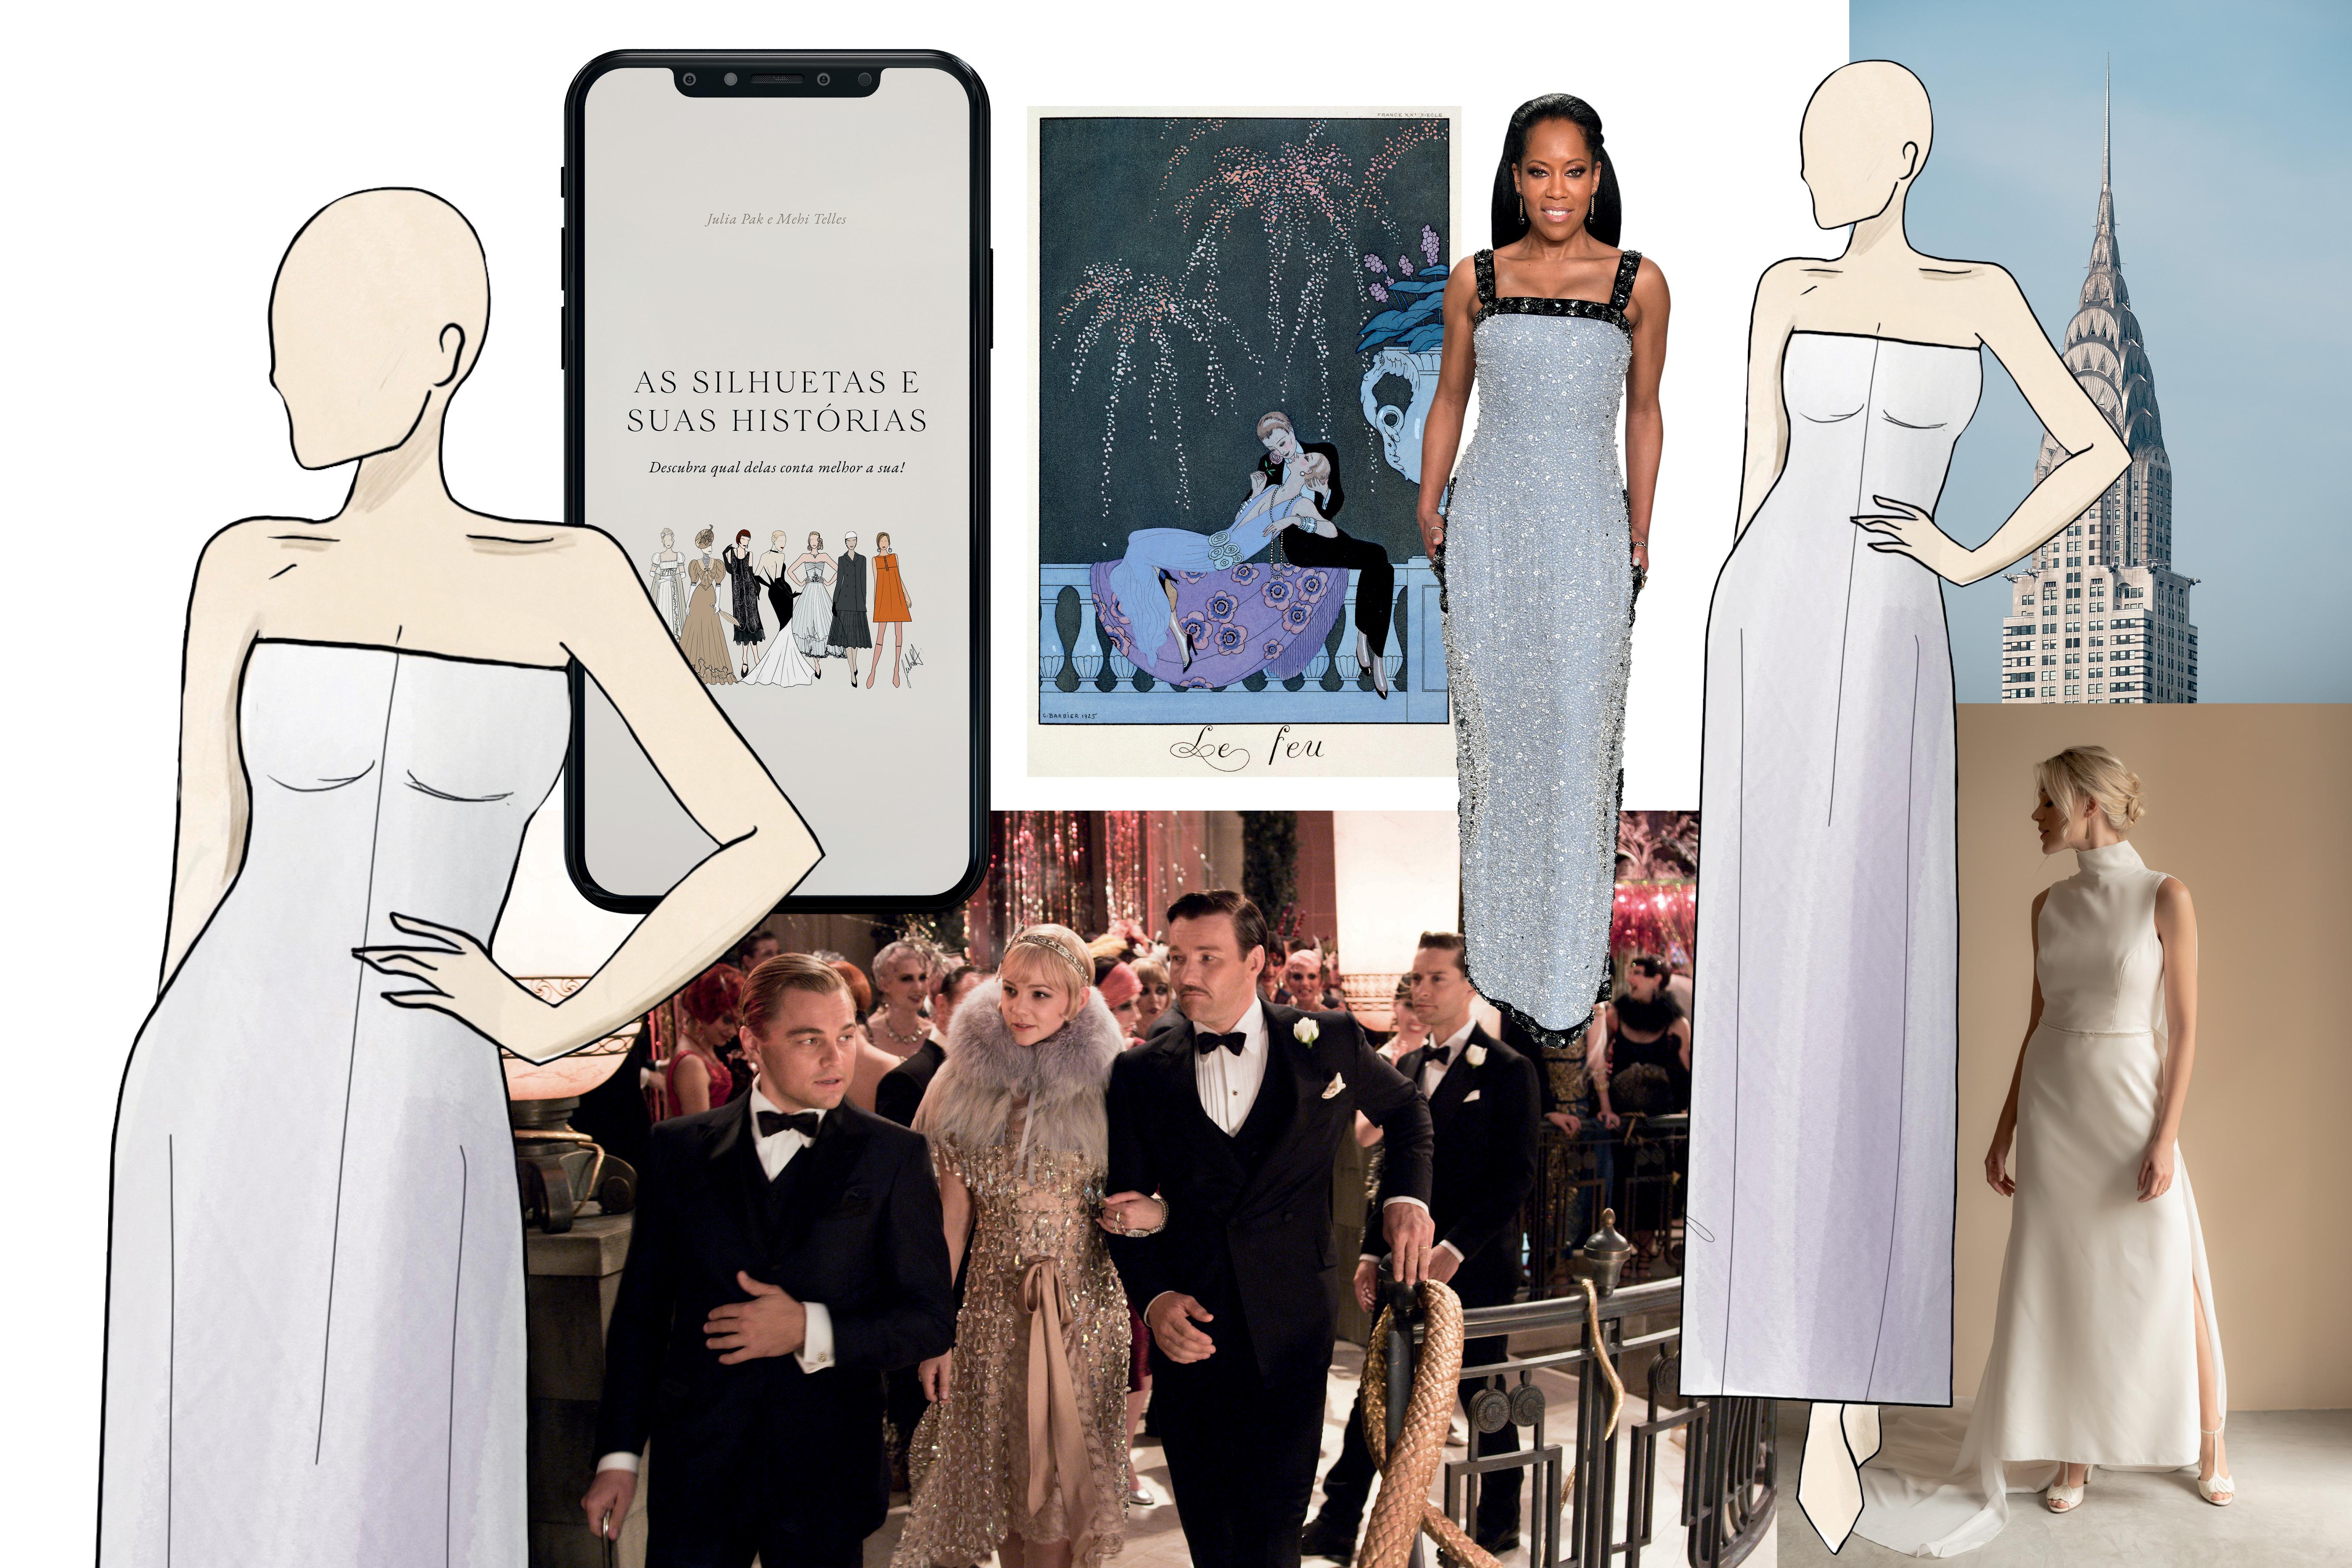 vestidos de noiva, cena de filme e a capa do livro